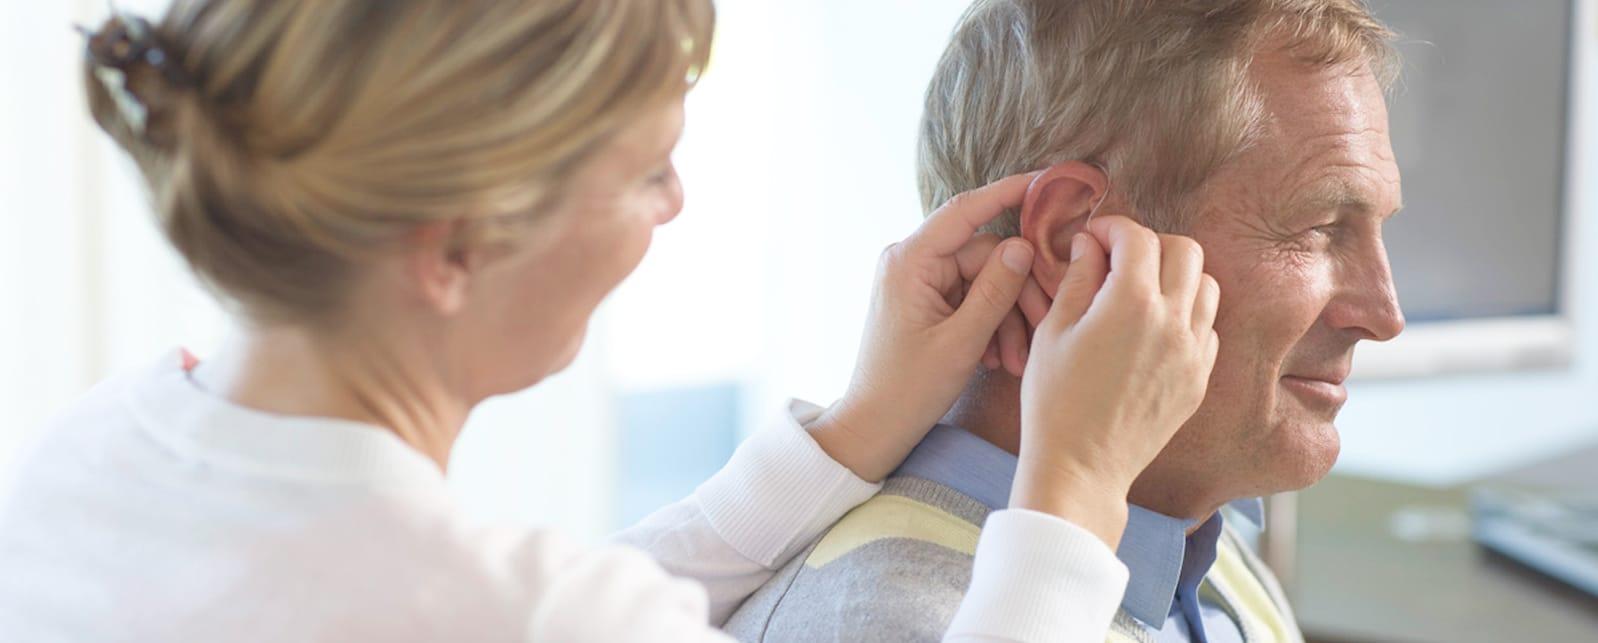 qual-o-melhor-modelo-de-aparelho-auditivo